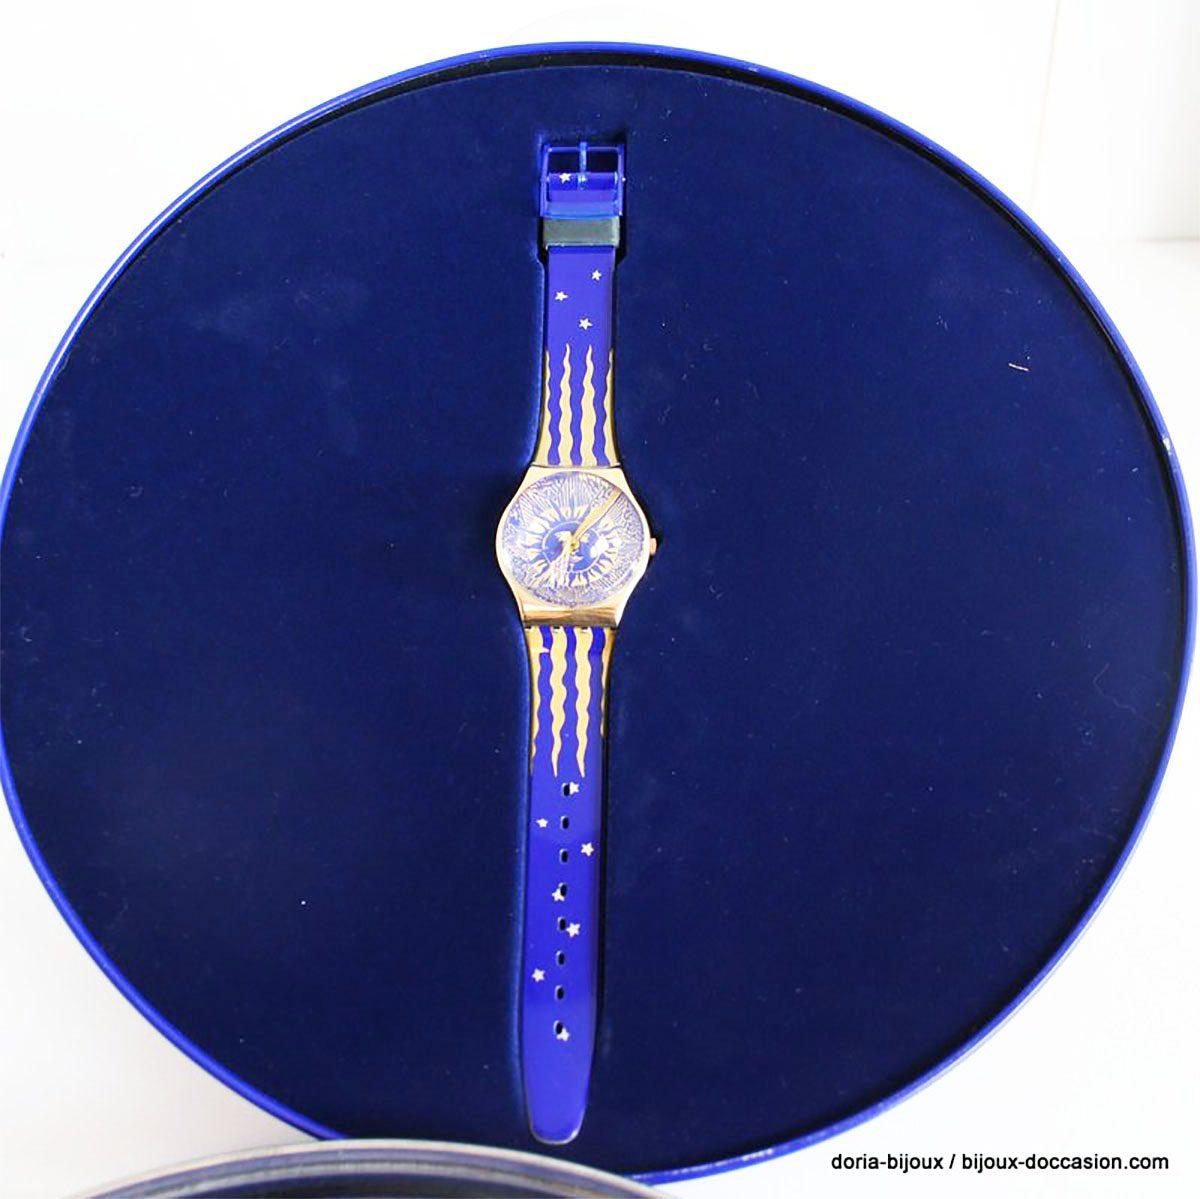 Montre Pop Swatch Gz 122 Édition Limité 1991